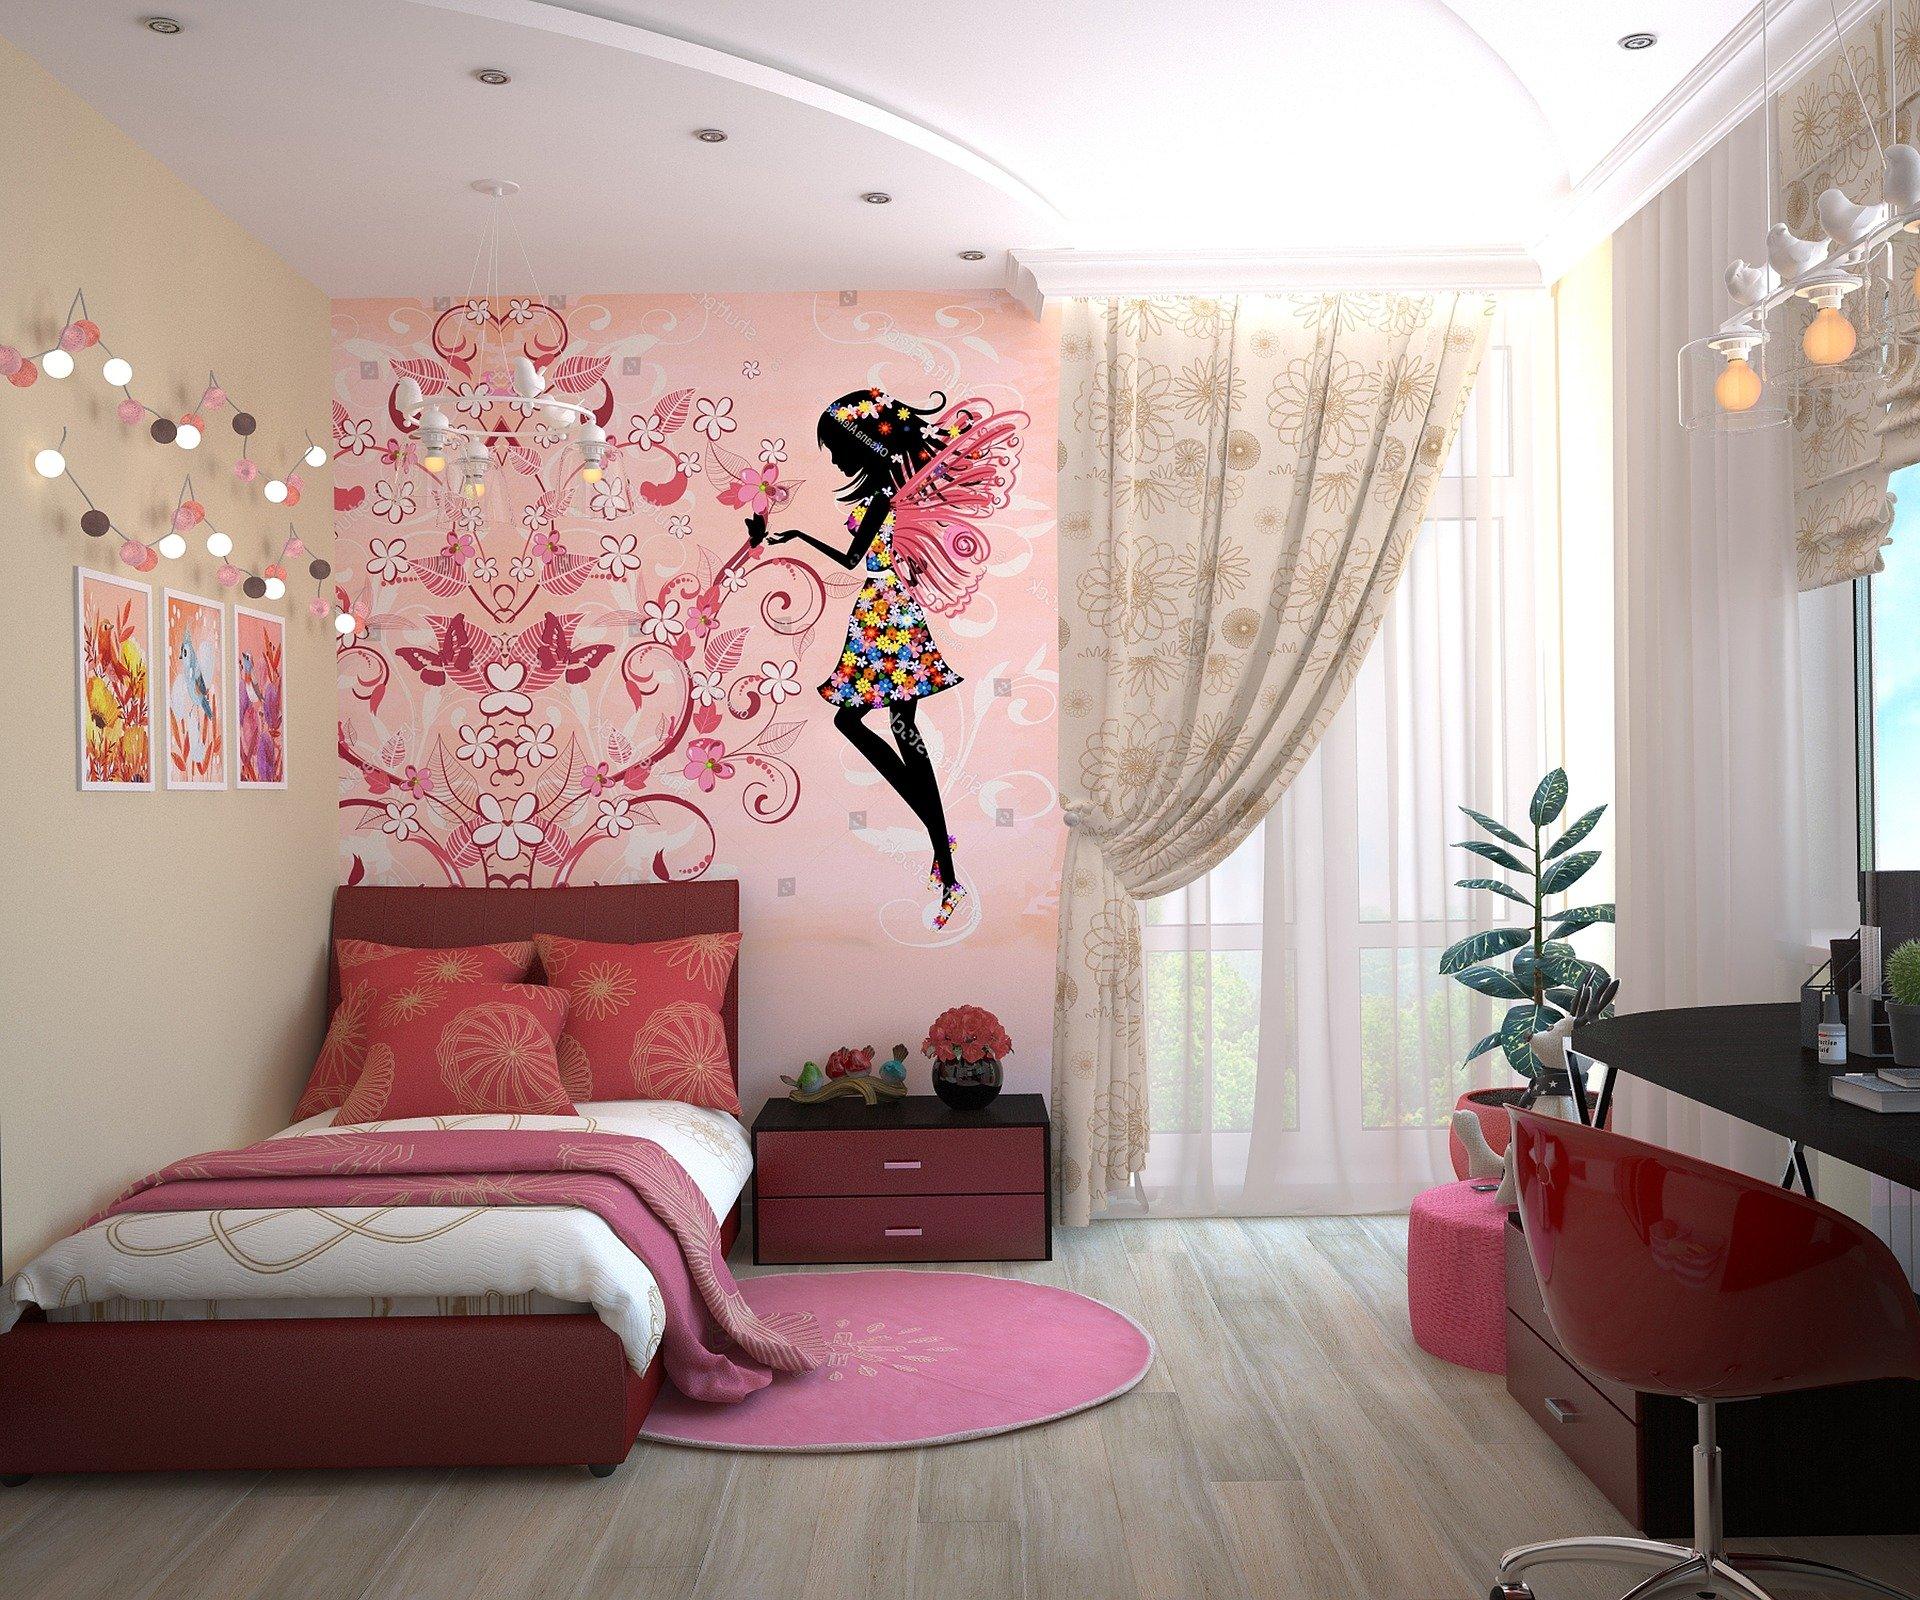 狭い家を最高の空間に!ストレス解消法と楽しく暮らすヒント